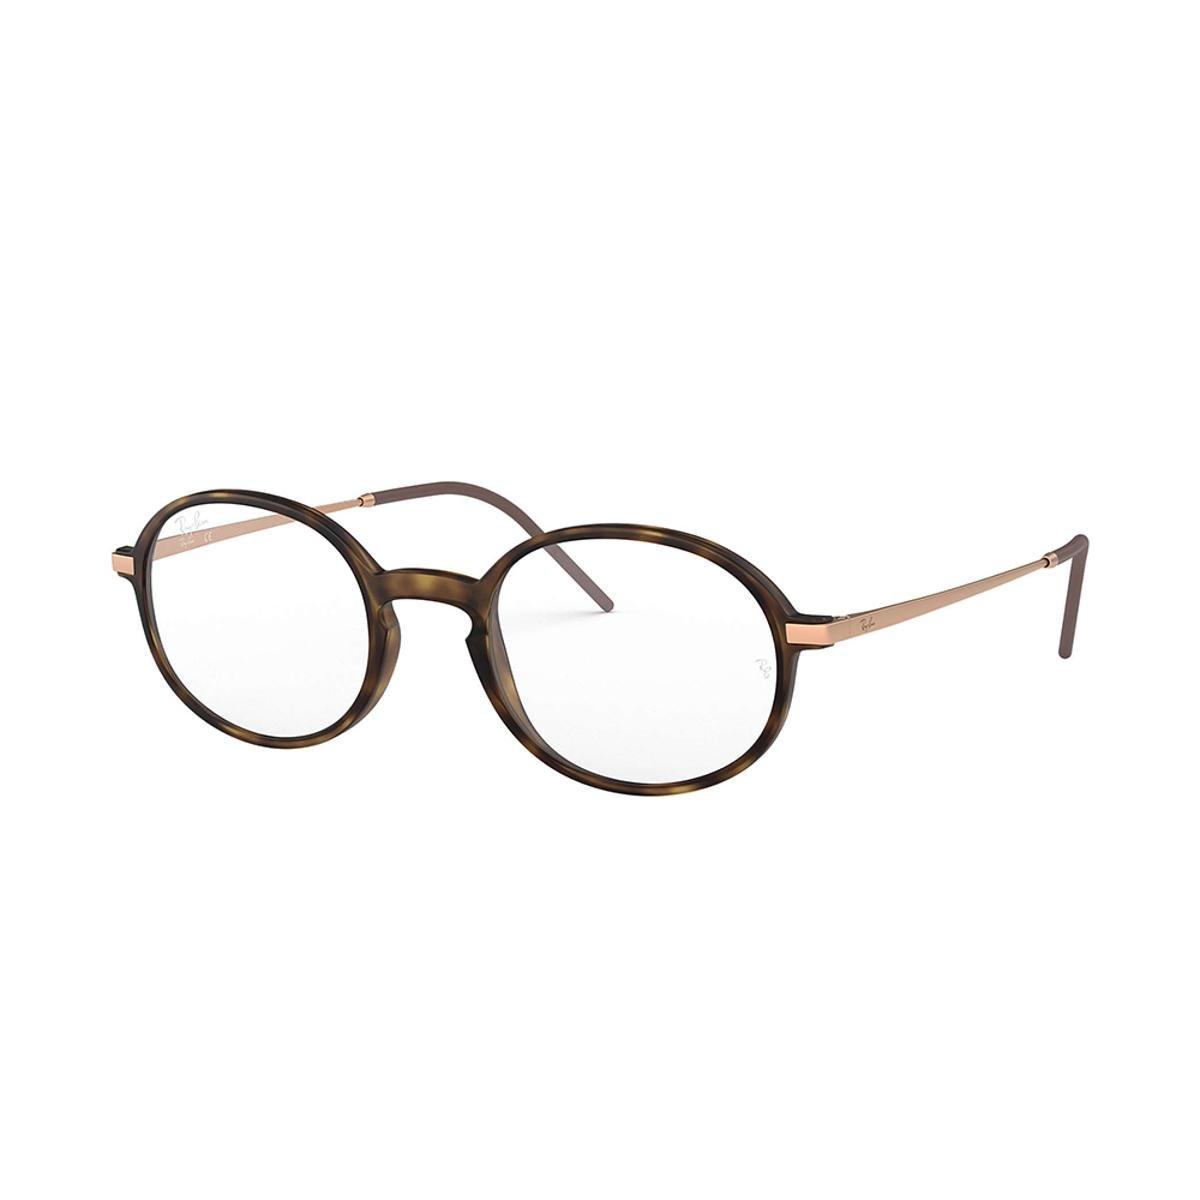 a348c5c53a32f Armação de Óculos Ray-Ban RB7153 Feminina - Marrom - Compre Agora ...